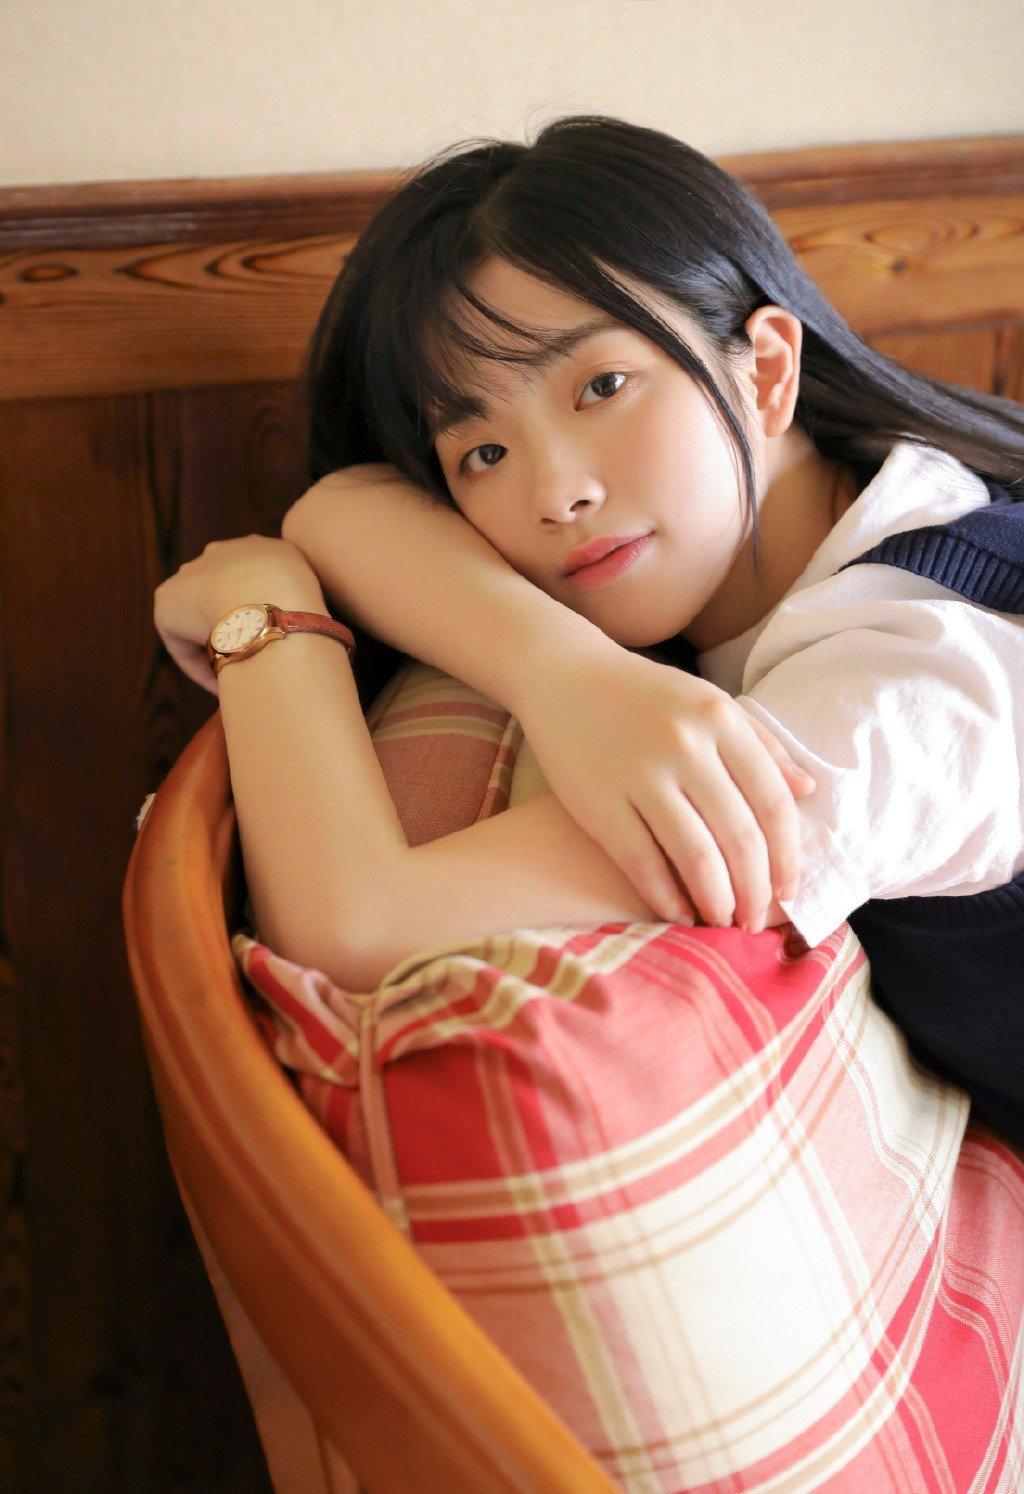 日系制服美女丝袜美腿诱人性感写真